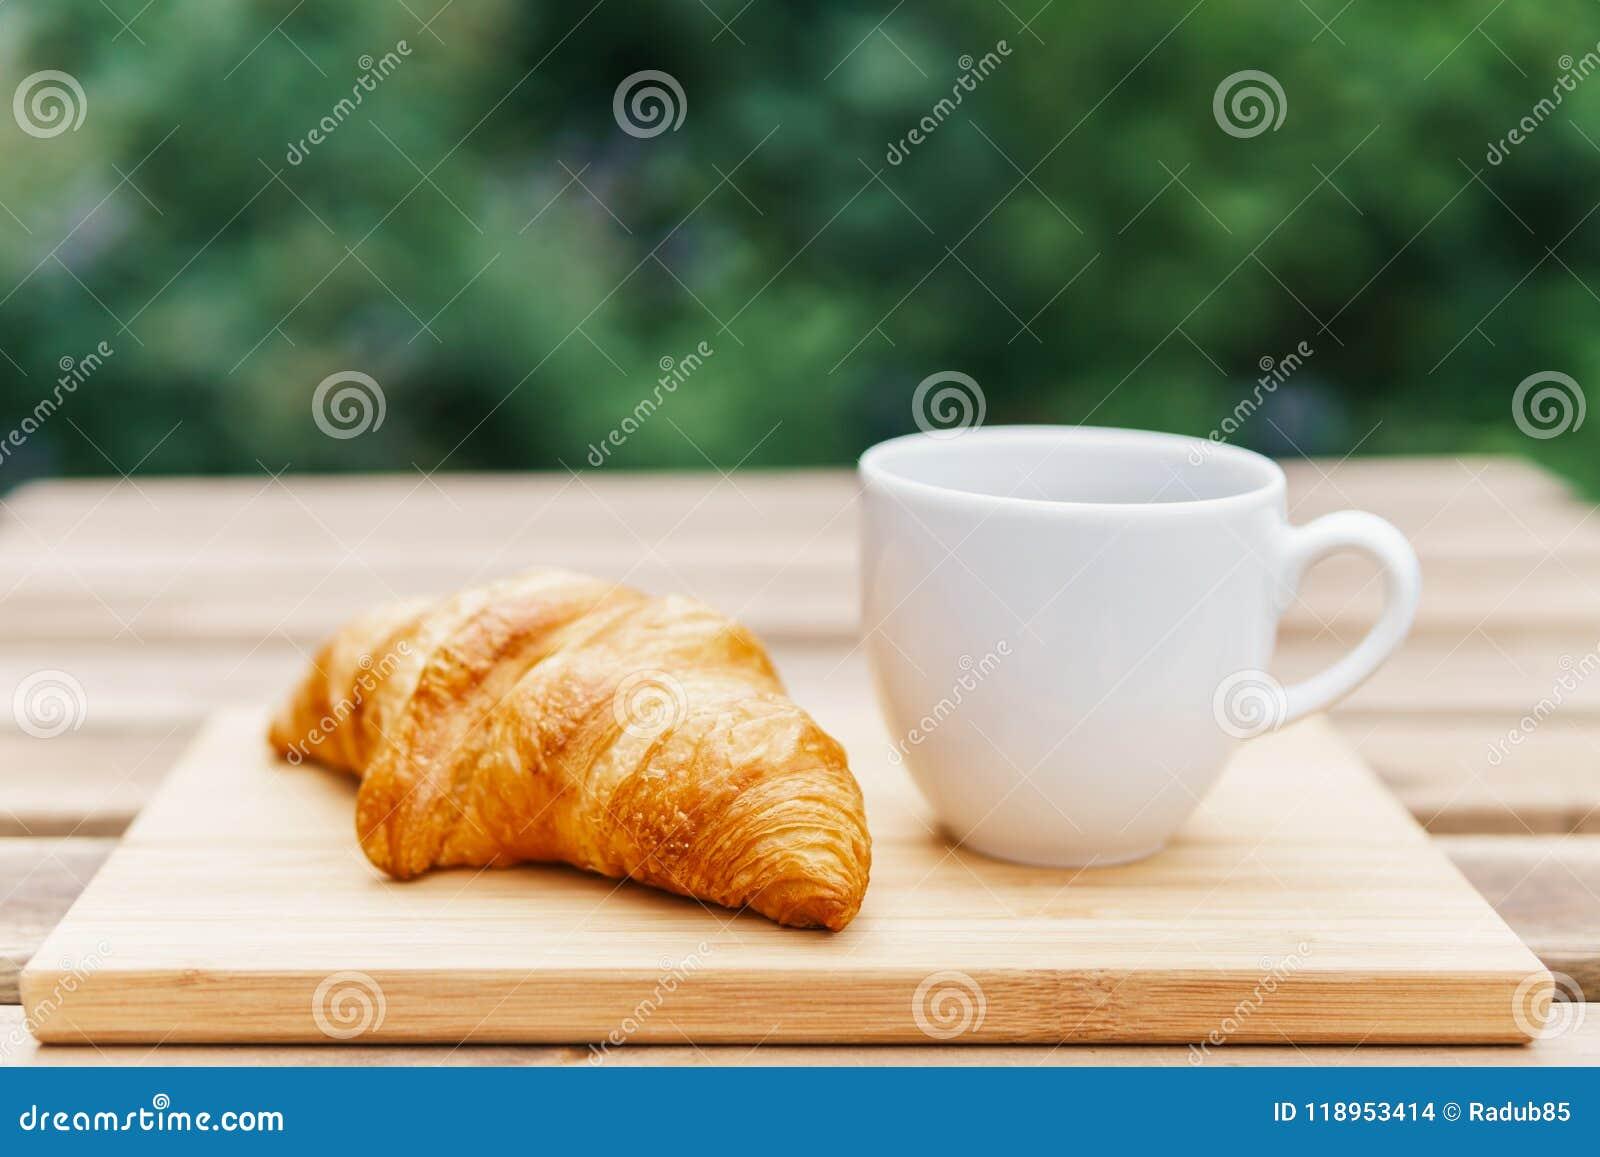 tazze di caffè verde francese